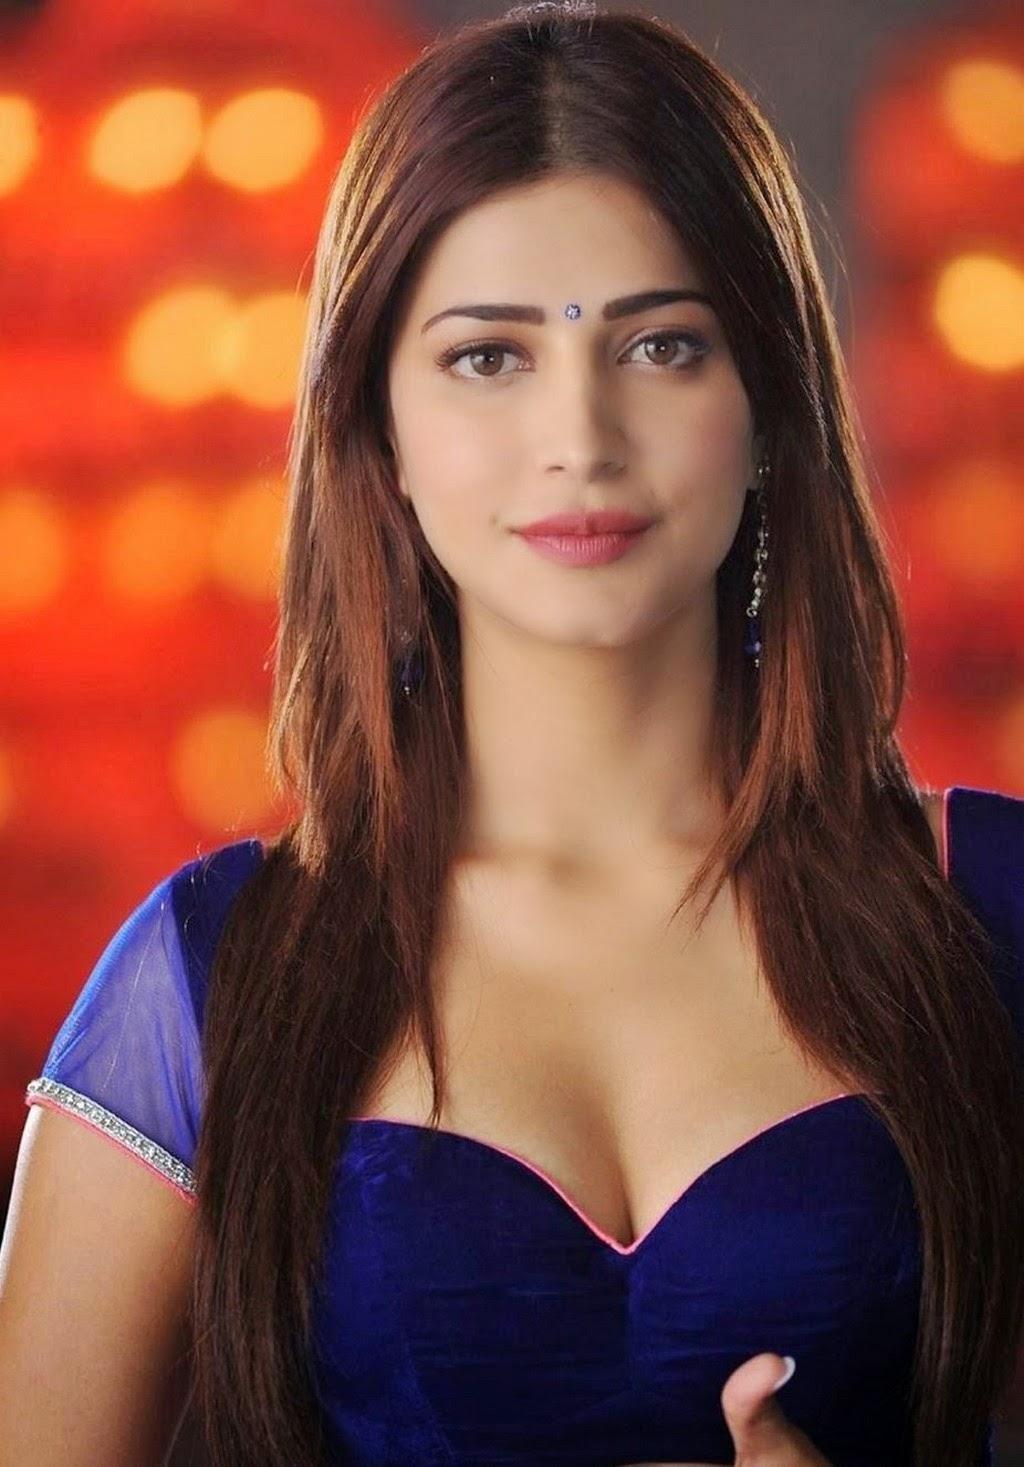 low-cleavage-hot-actresses-pics16.jpg (1024×1467) | Shruti Hassan ...